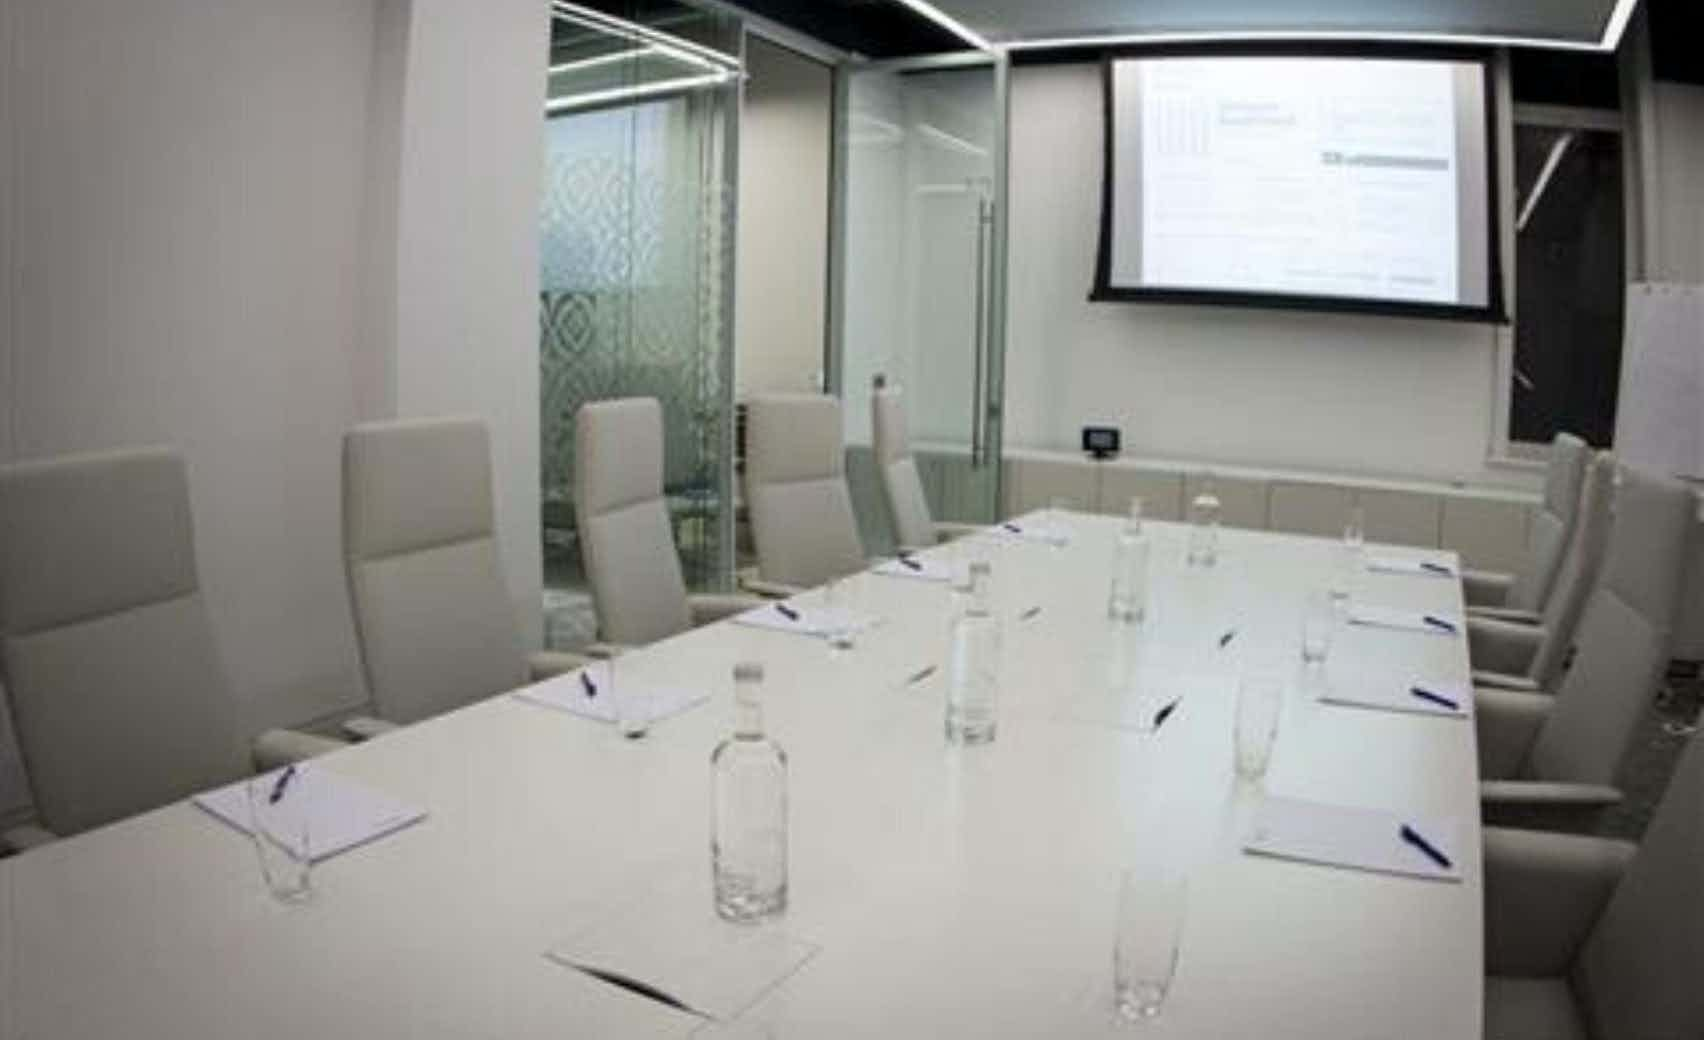 Ground Floor Meeting Room 17, 30 Euston Square